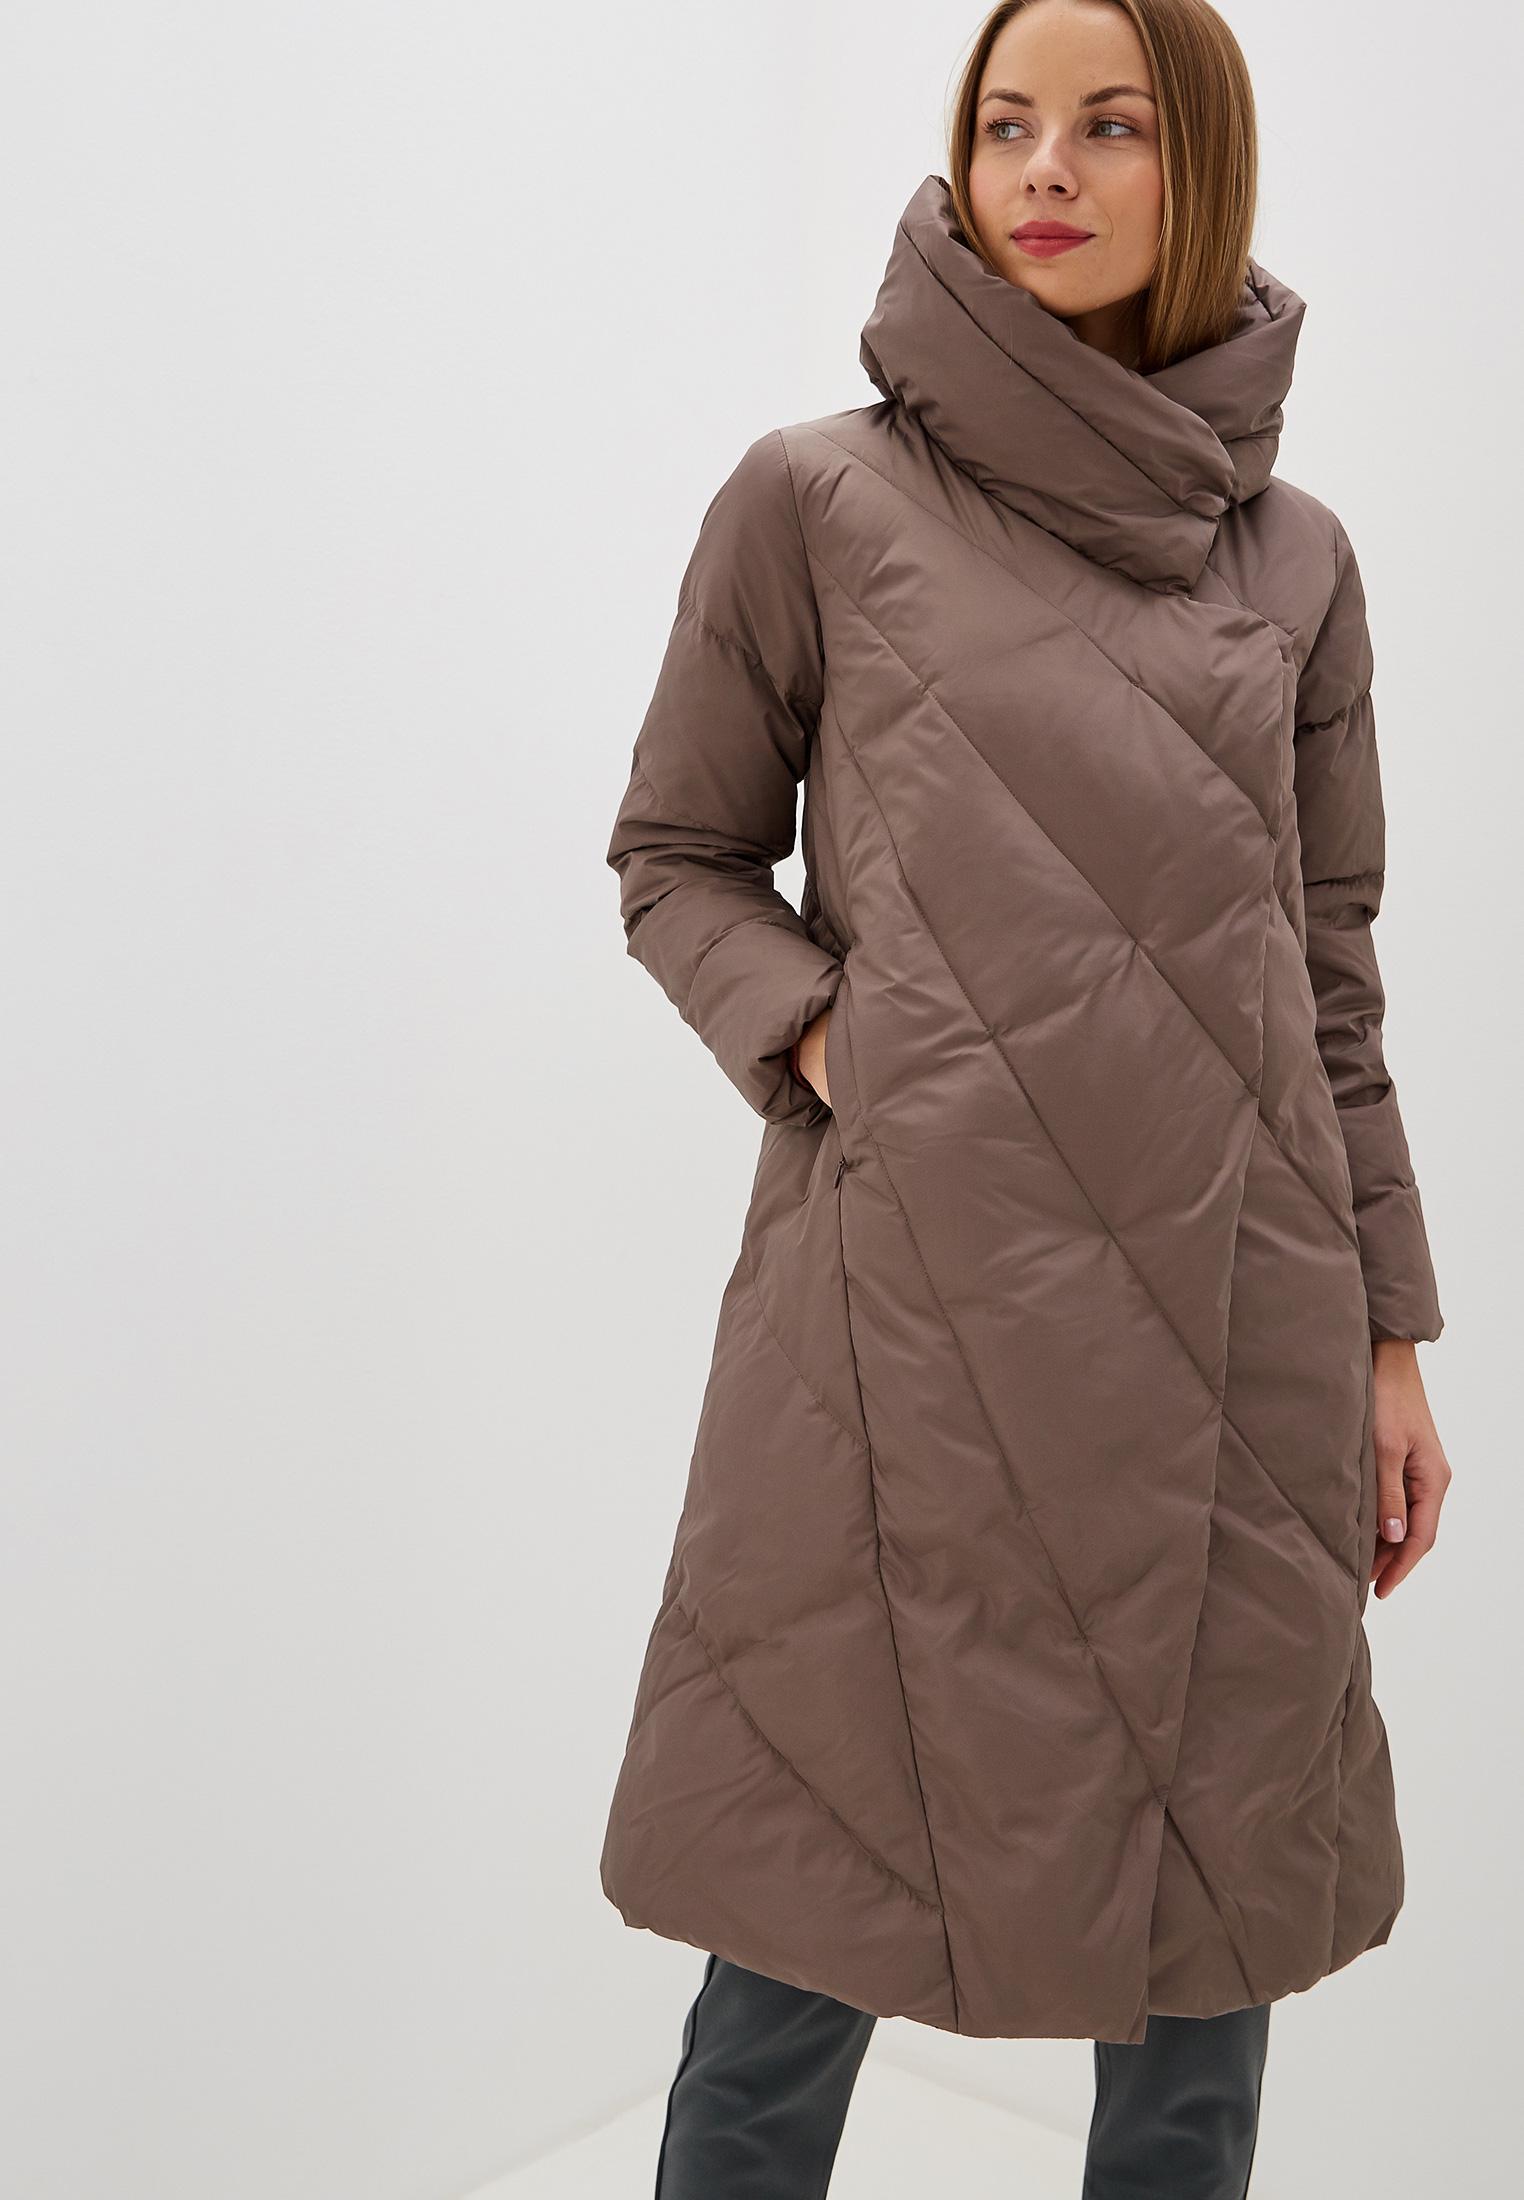 Пуховик, Savage, цвет: коричневый. Артикул: SA004EWGESB3. Одежда / Верхняя одежда / Пуховики и зимние куртки